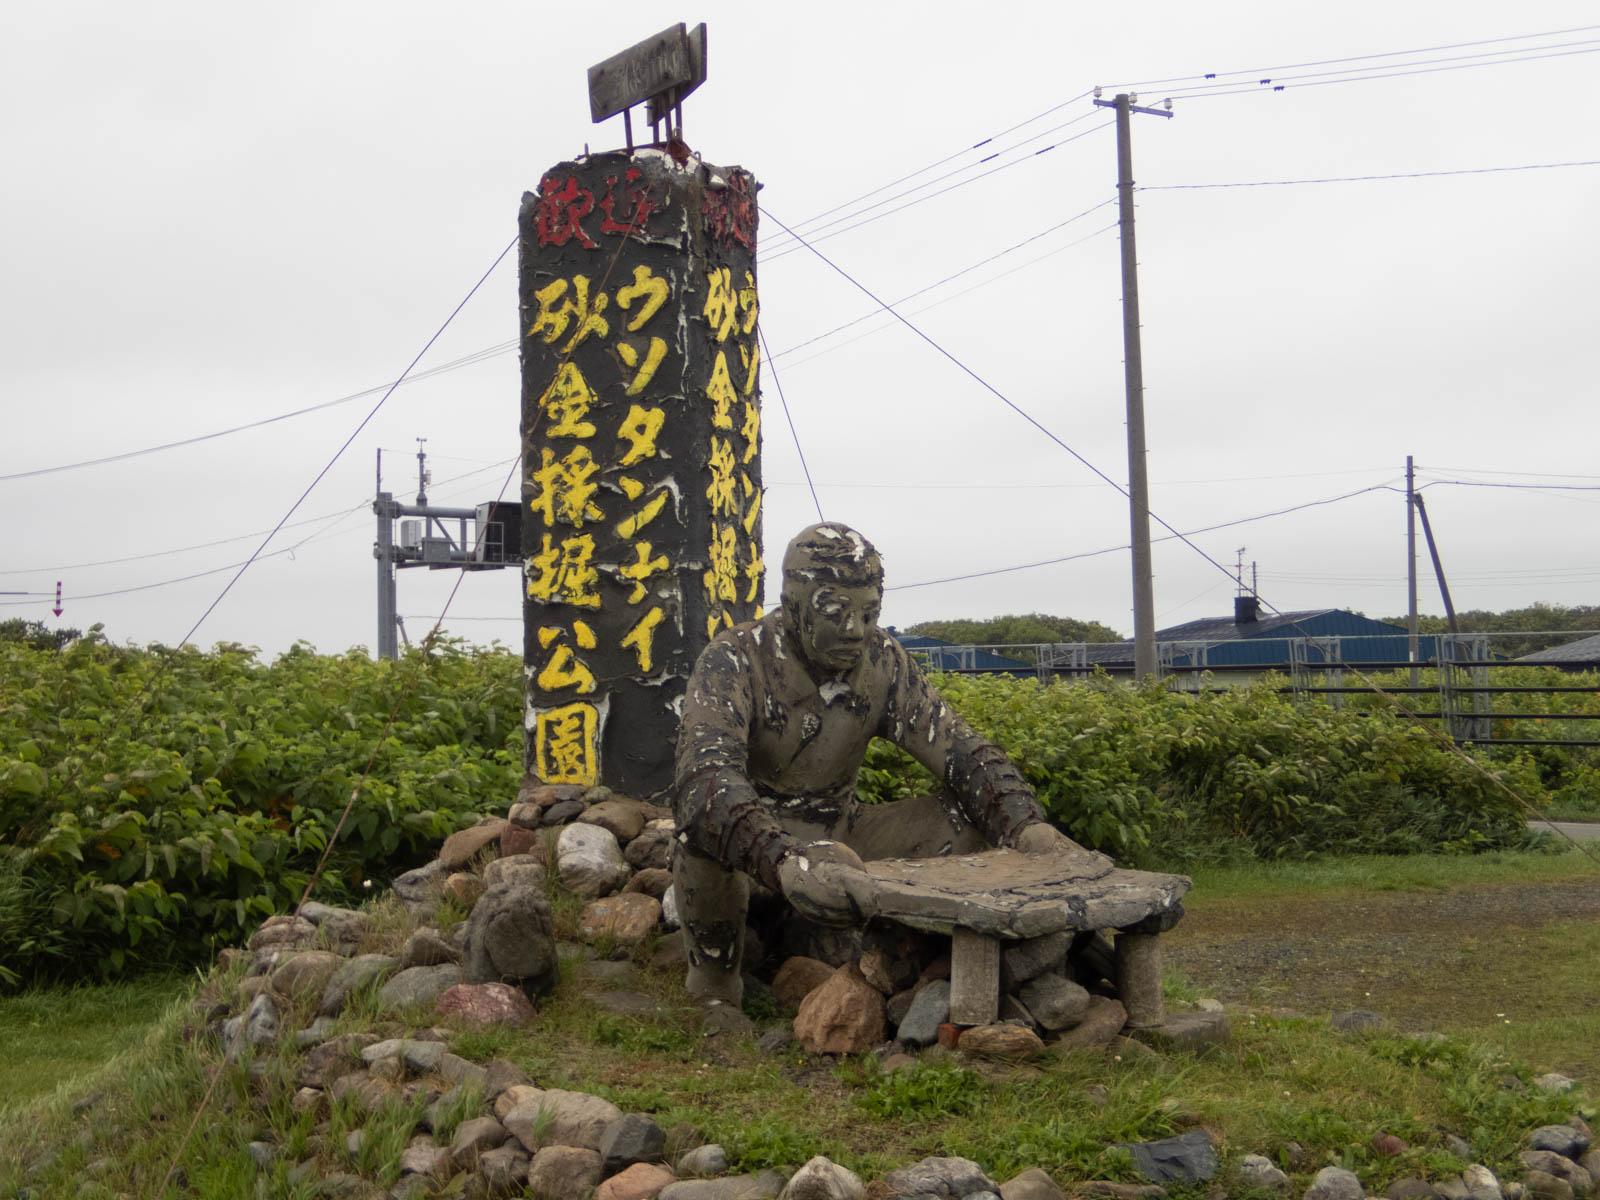 ウソタンナイ砂金採掘公園の看板